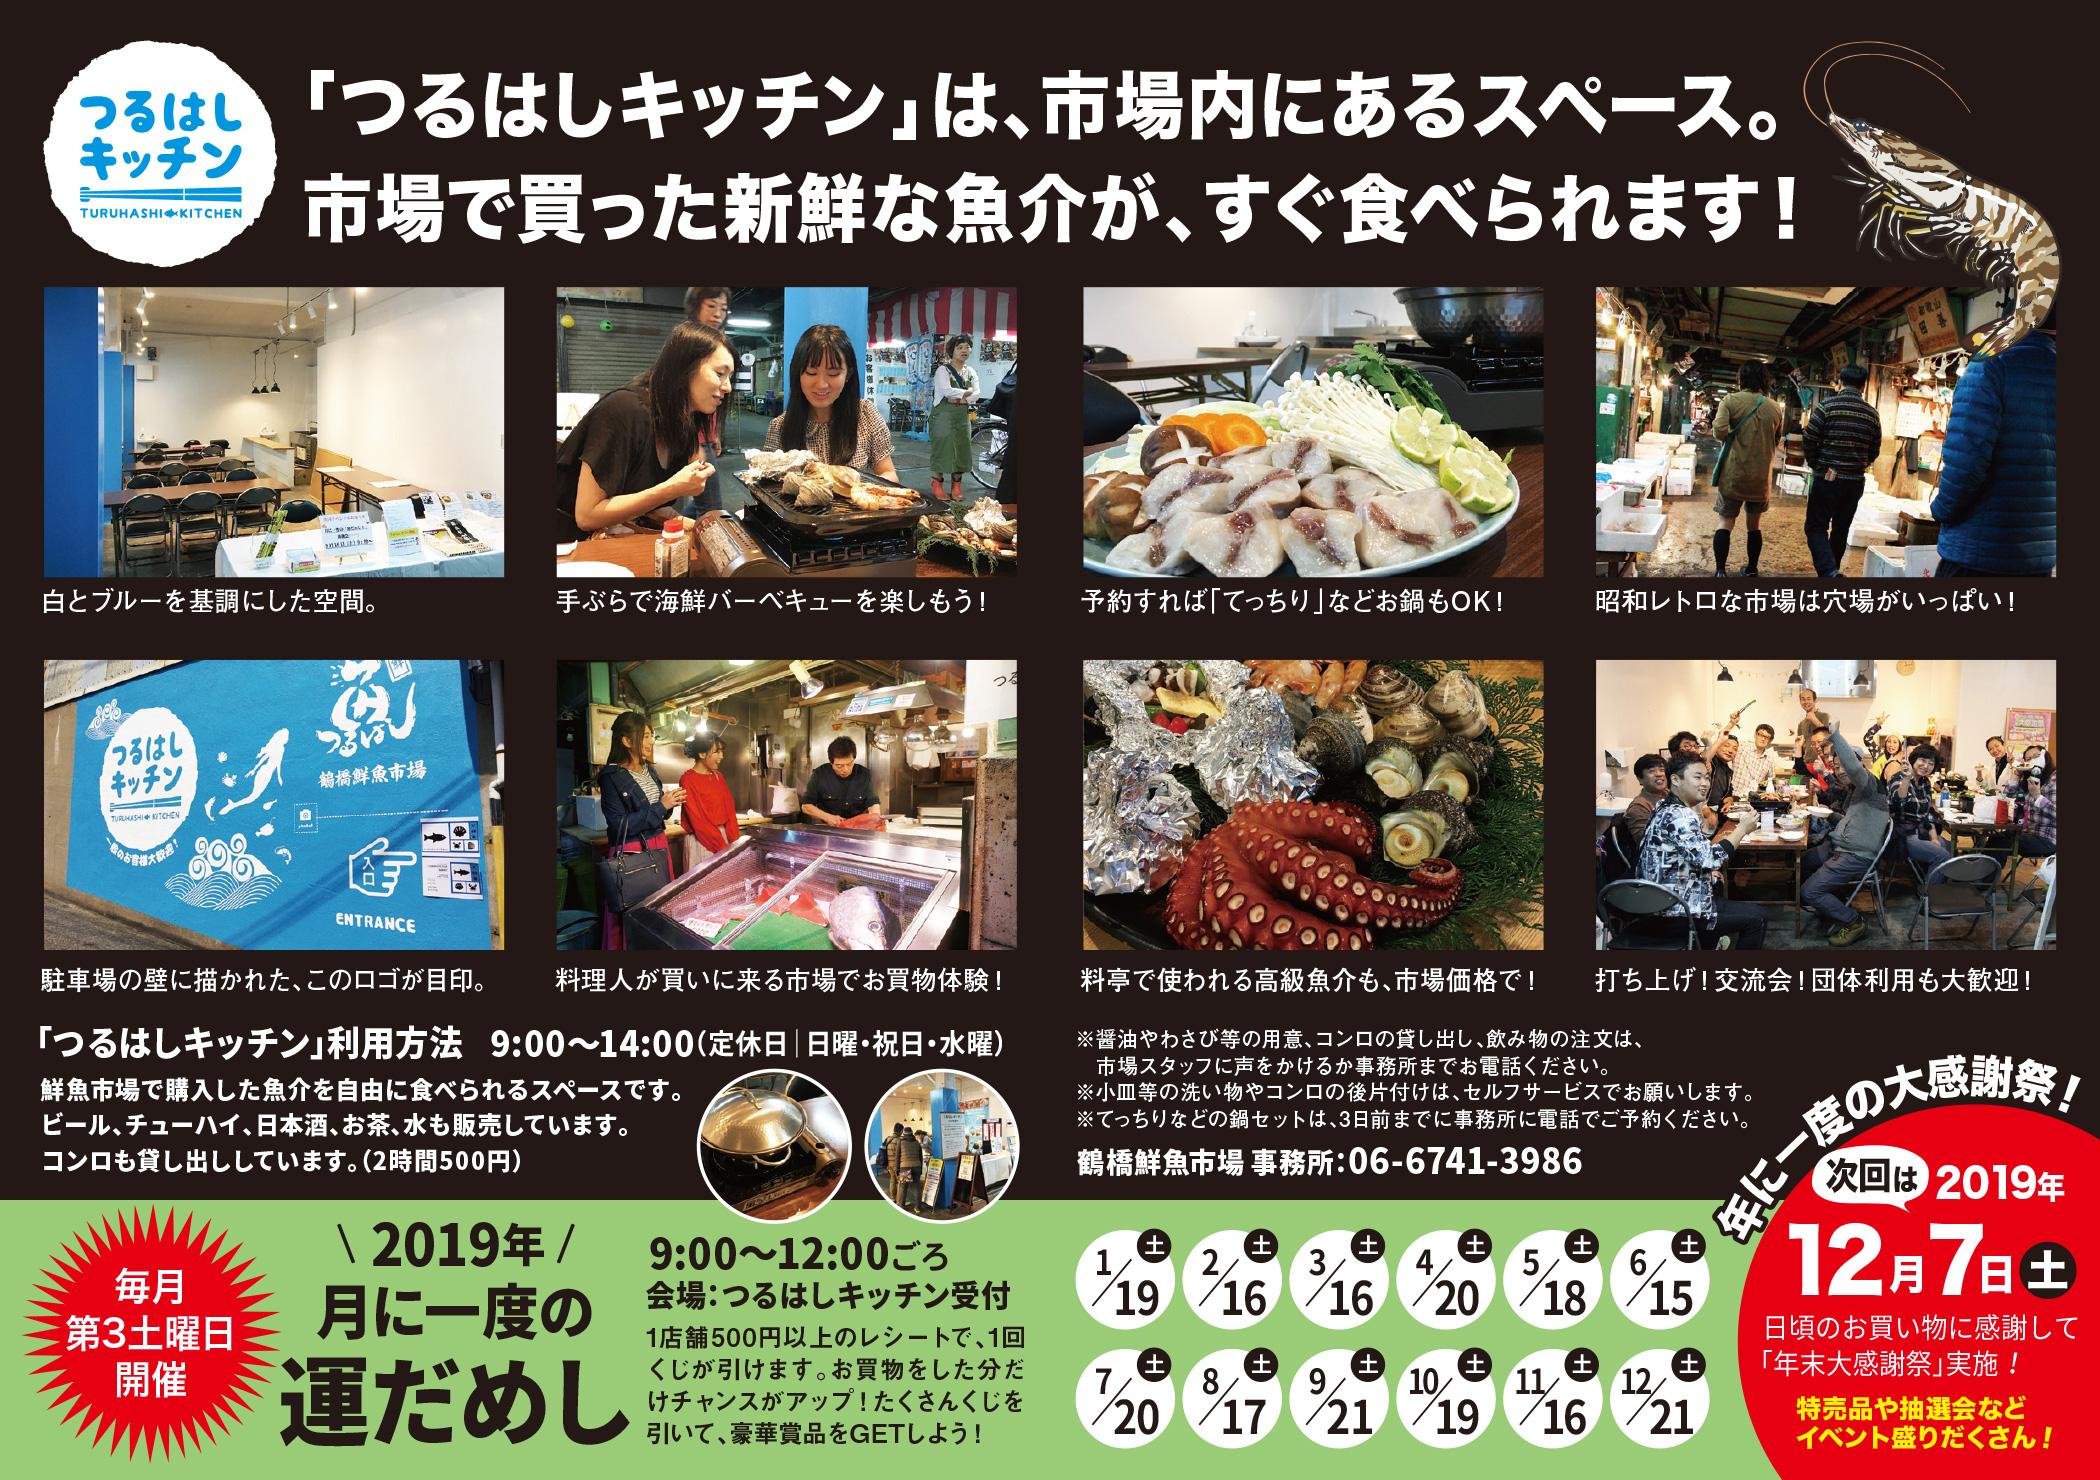 つるはしキッチン・大阪鶴橋鮮魚市場